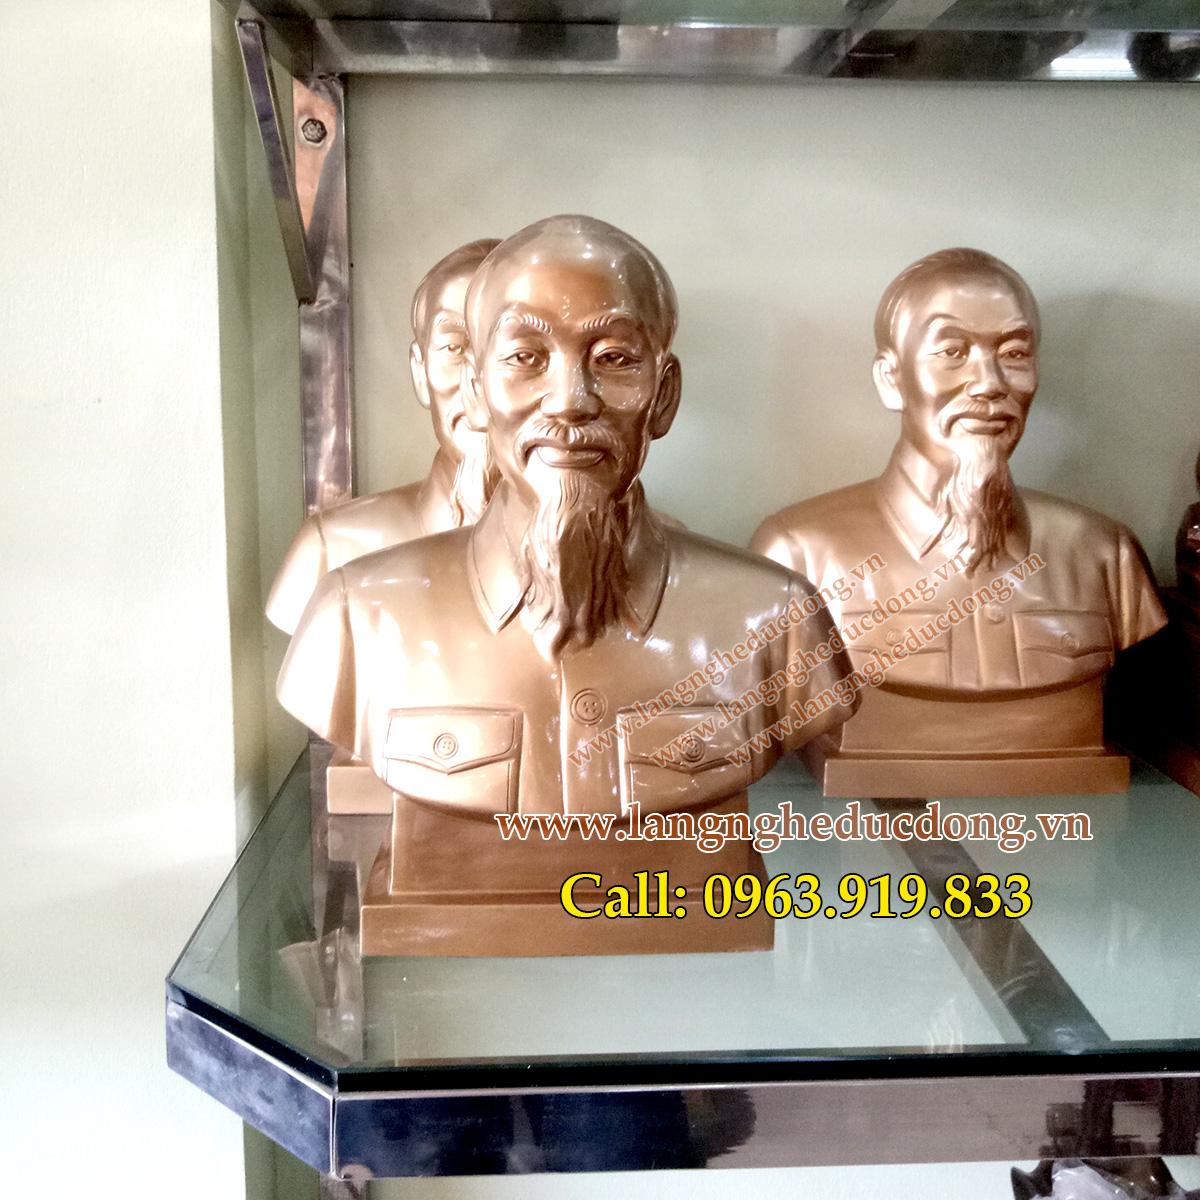 langngheducdong.vn - tượng đồng, tượng bác hồ, tượng chủ tịch hồ chí minh